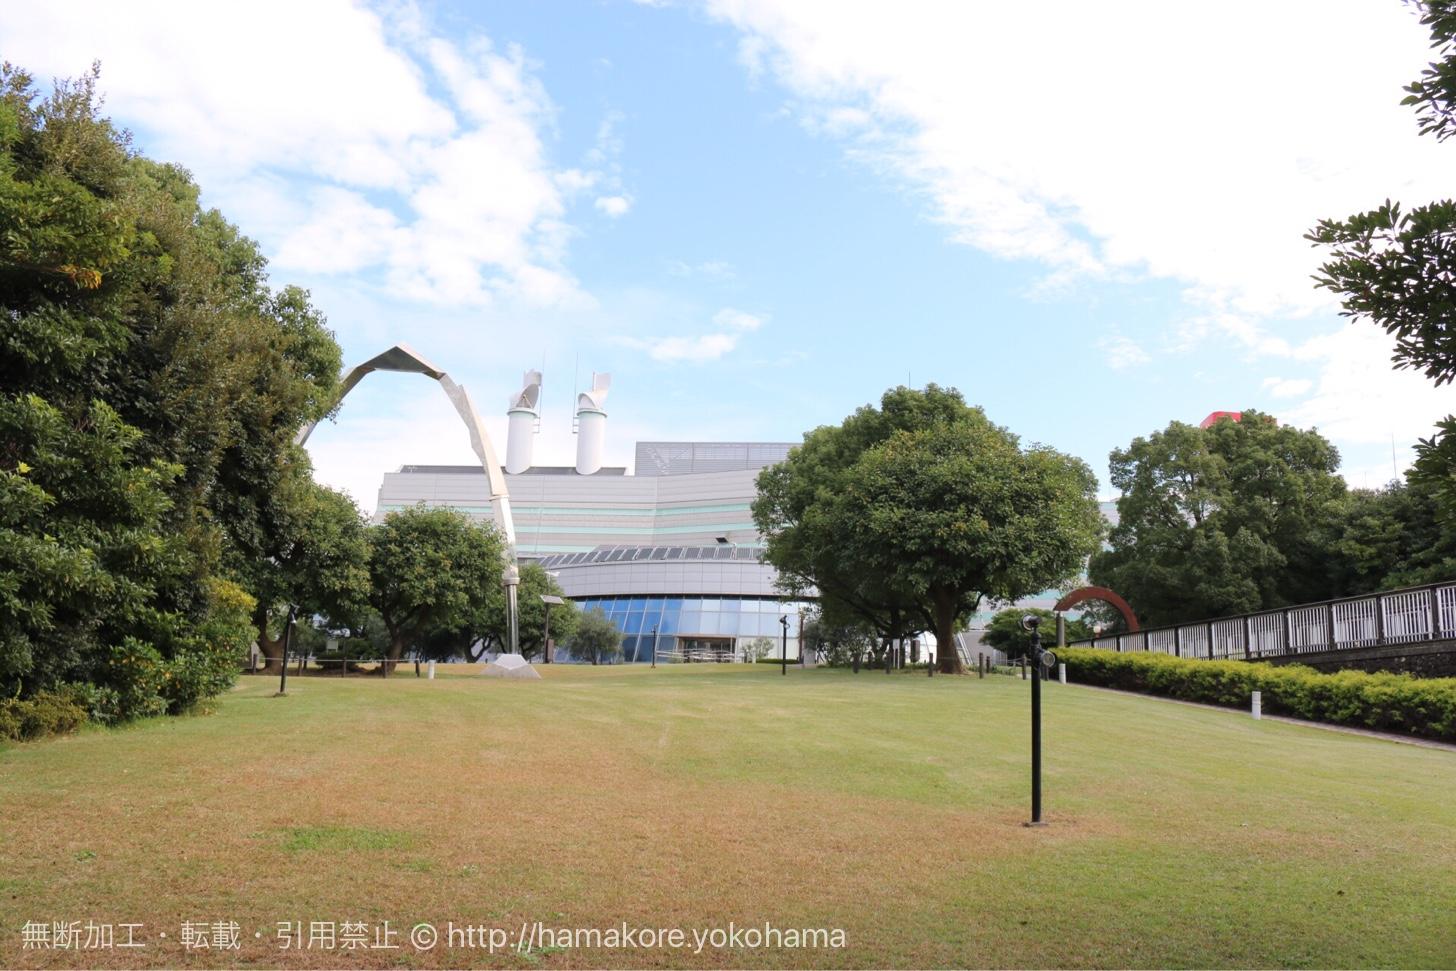 キリンビール横浜工場 外観